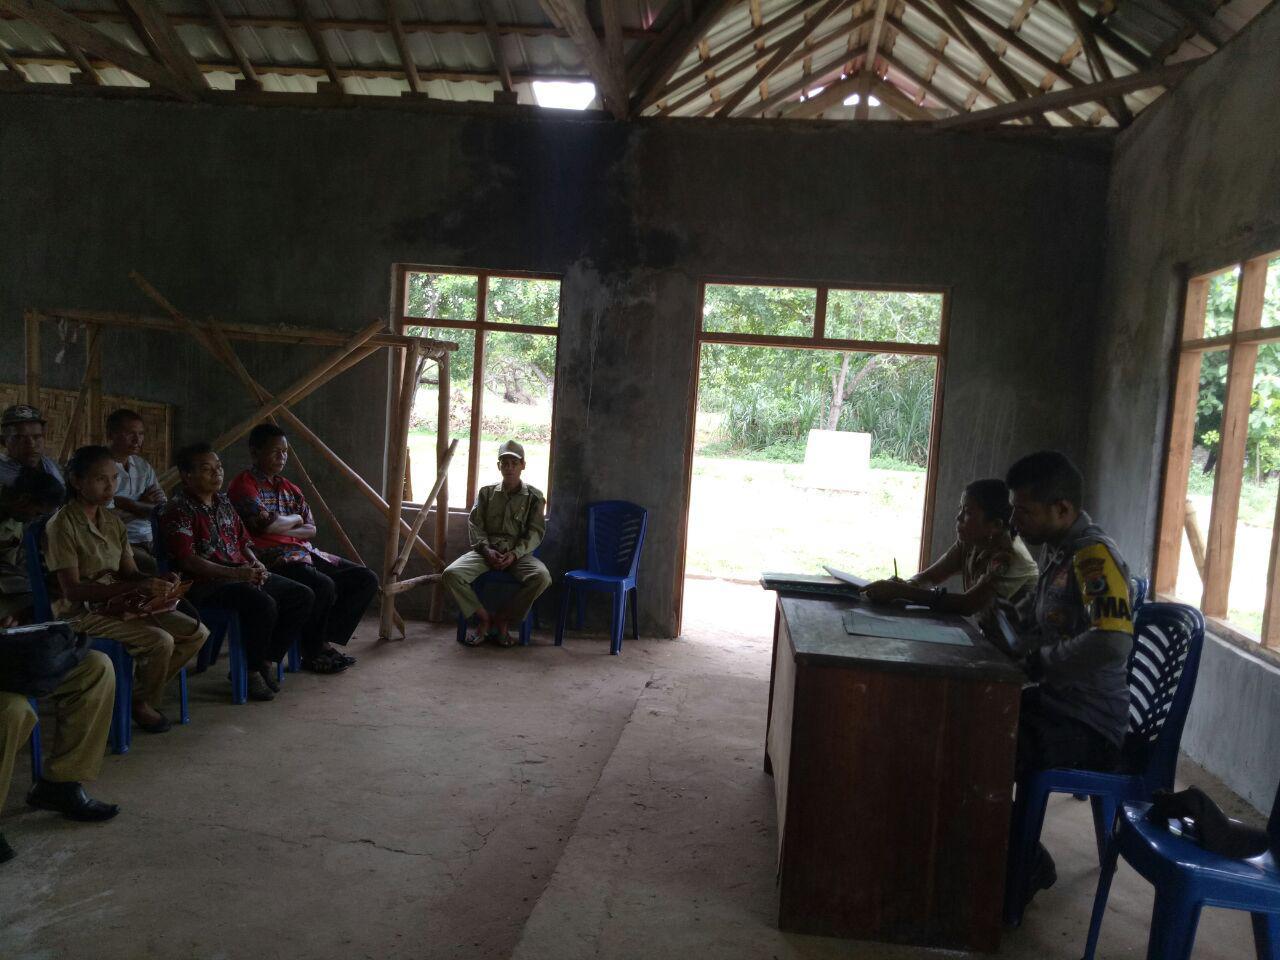 Bhabinkamtibmas Menghadiri Apel Pagi dan Tatap Muka Untuk Membahas Program Desa